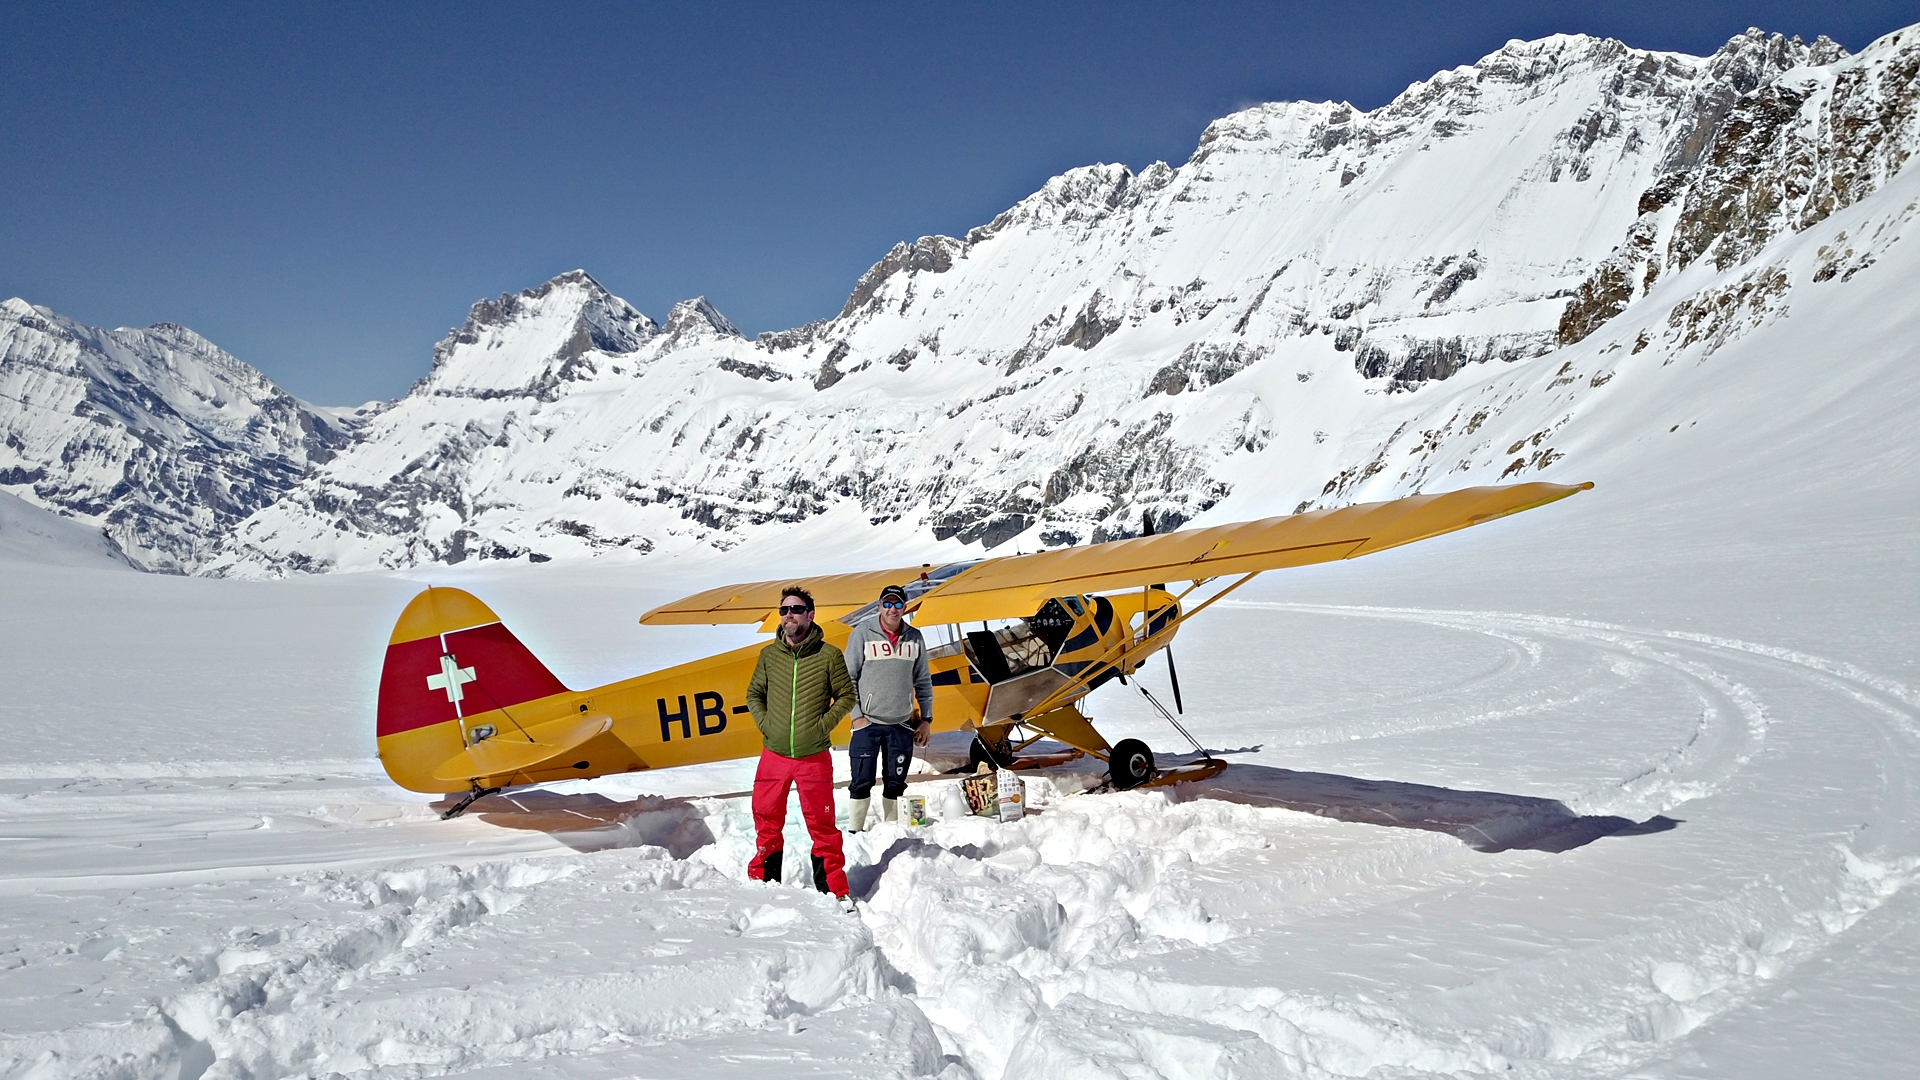 «Wunderland»: Gletscherflug im Lötschental, Wallis